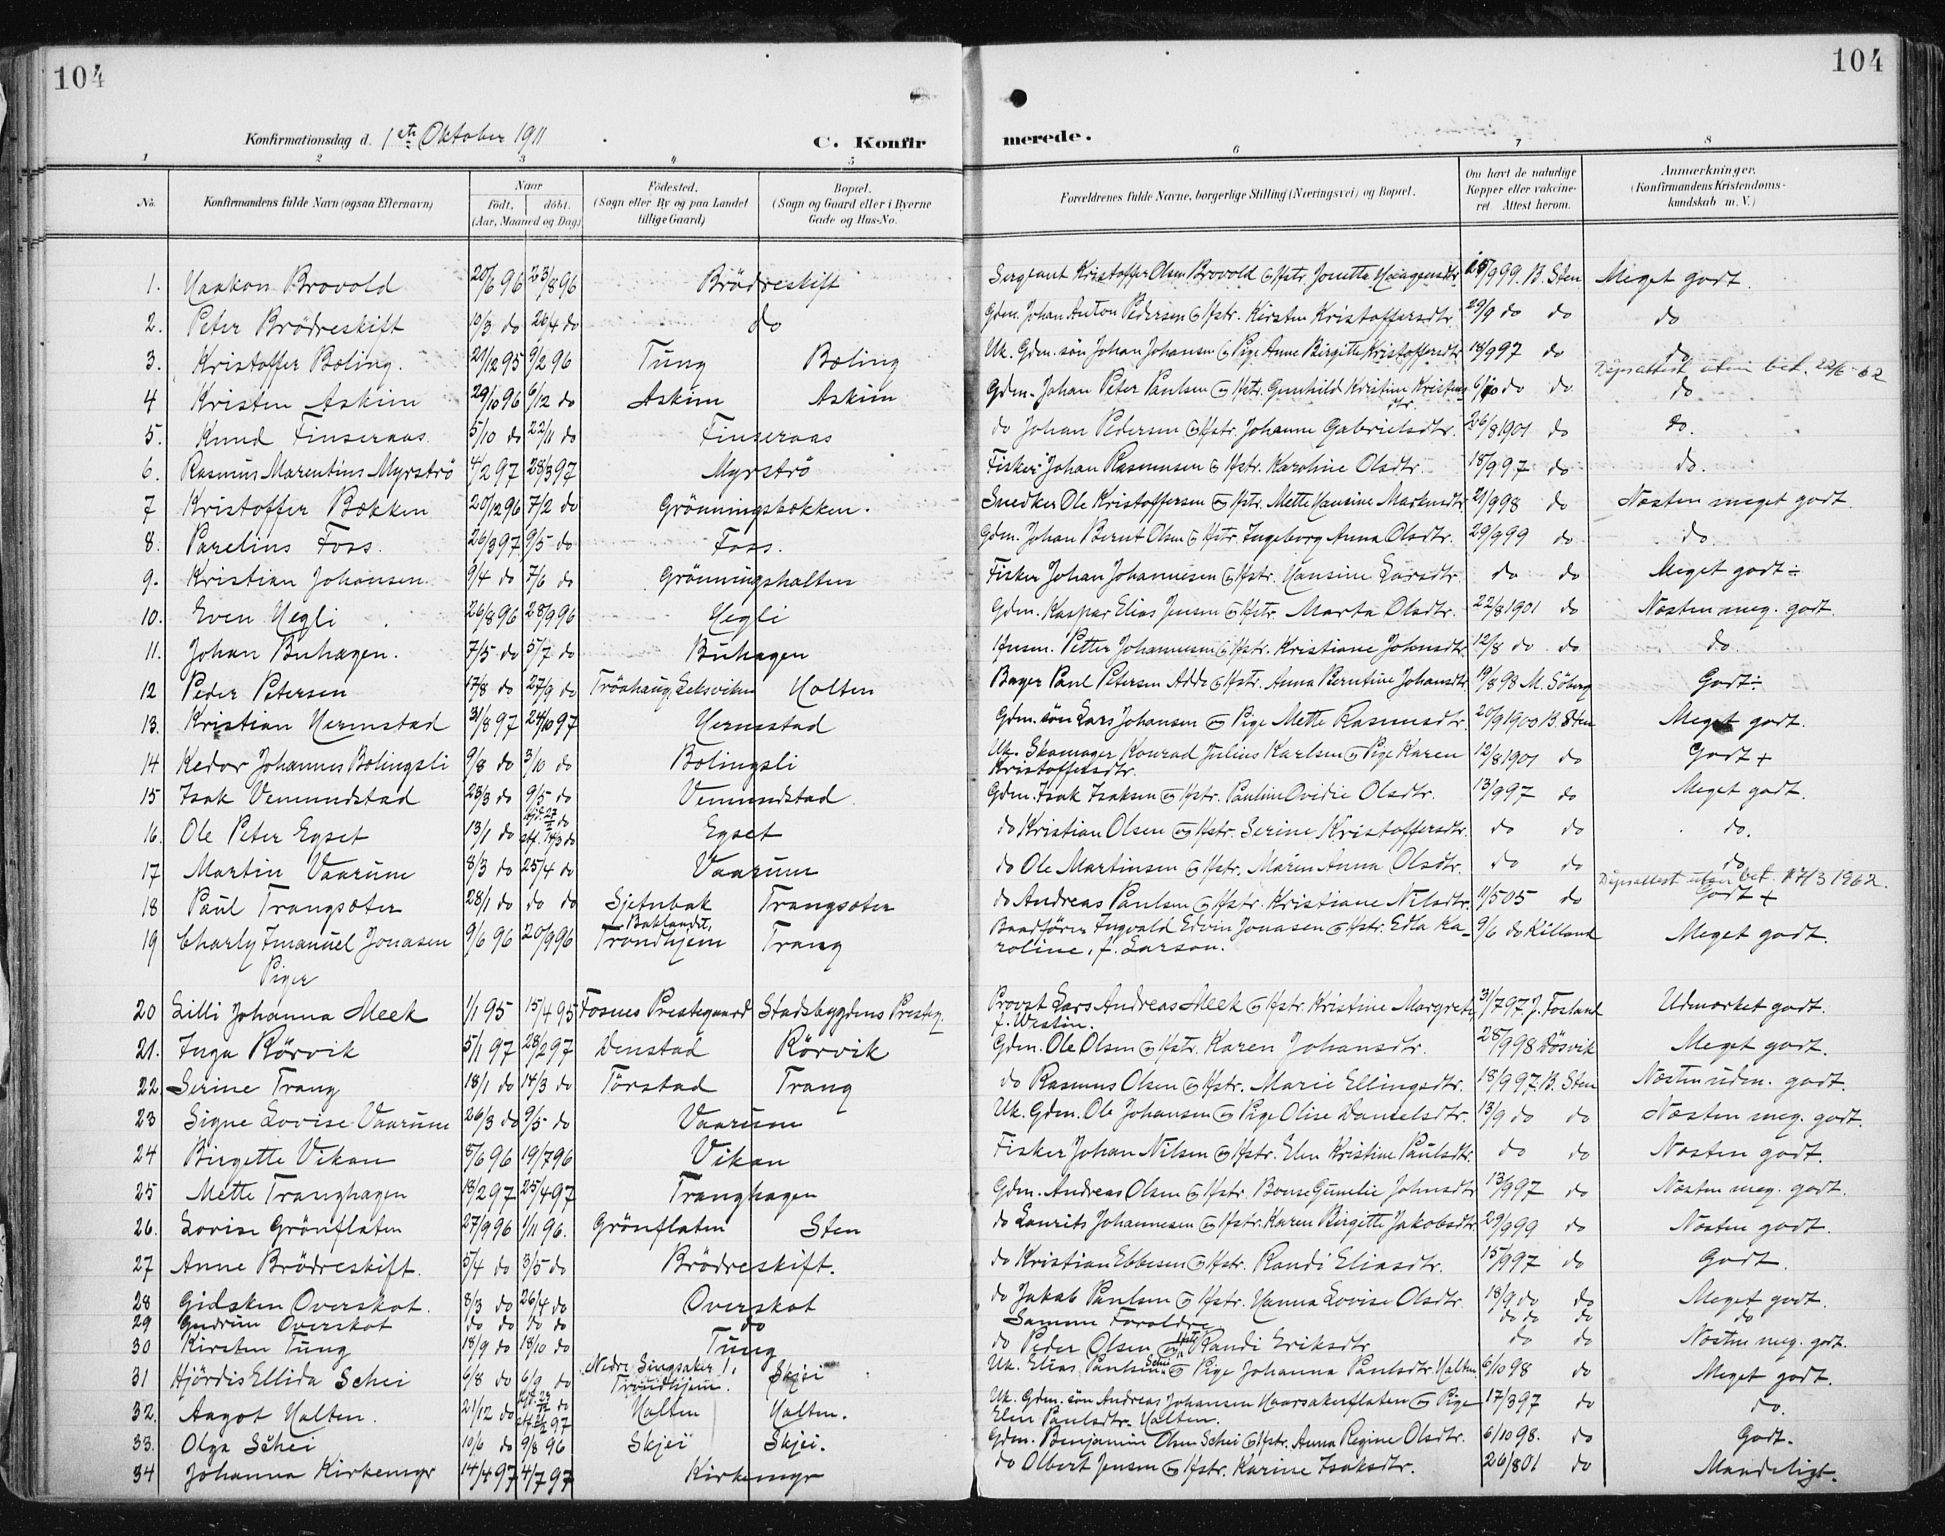 SAT, Ministerialprotokoller, klokkerbøker og fødselsregistre - Sør-Trøndelag, 646/L0616: Ministerialbok nr. 646A14, 1900-1918, s. 104